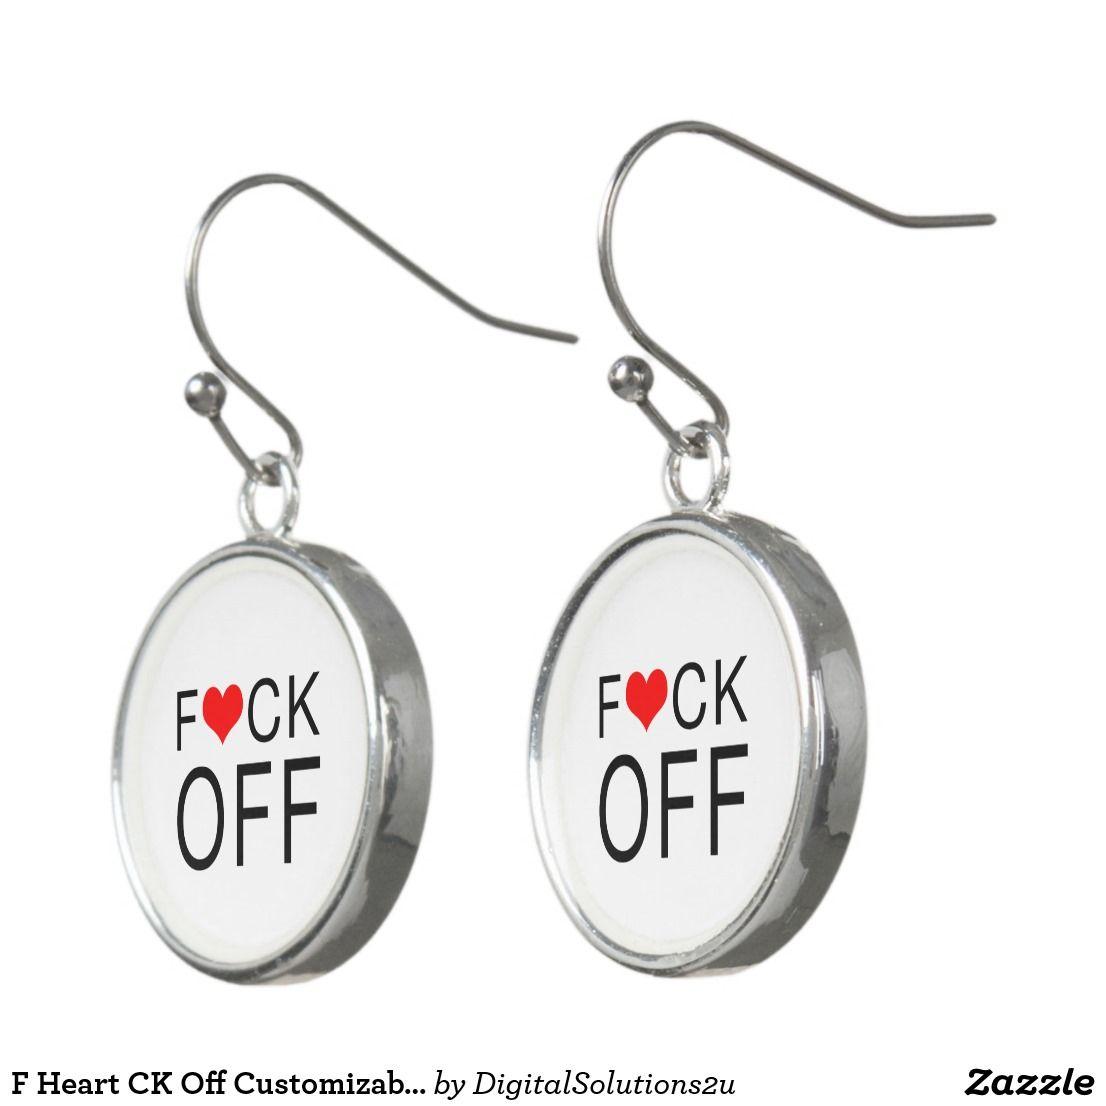 F Heart Ck Off Customizable Earrings